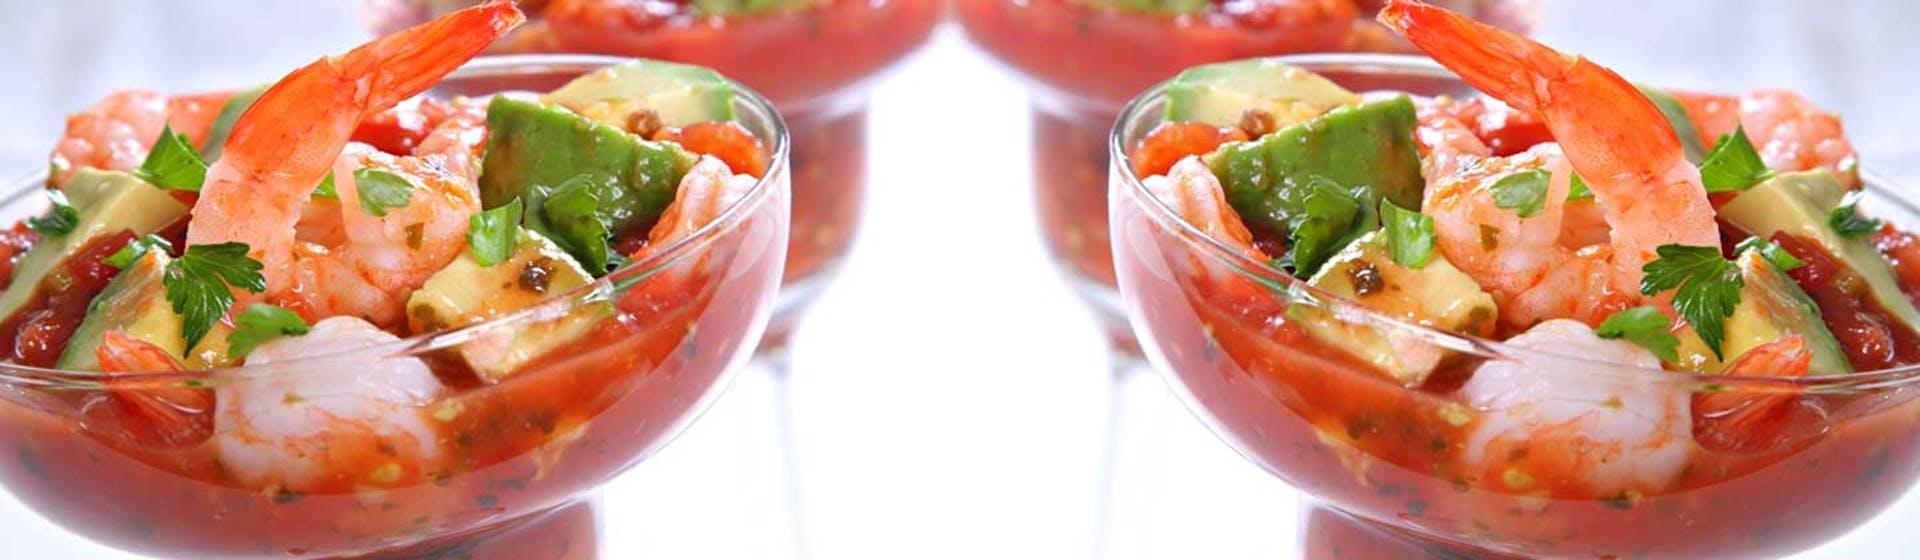 Las mejores 5 recetas de cócteles de camarón para hacer en casa